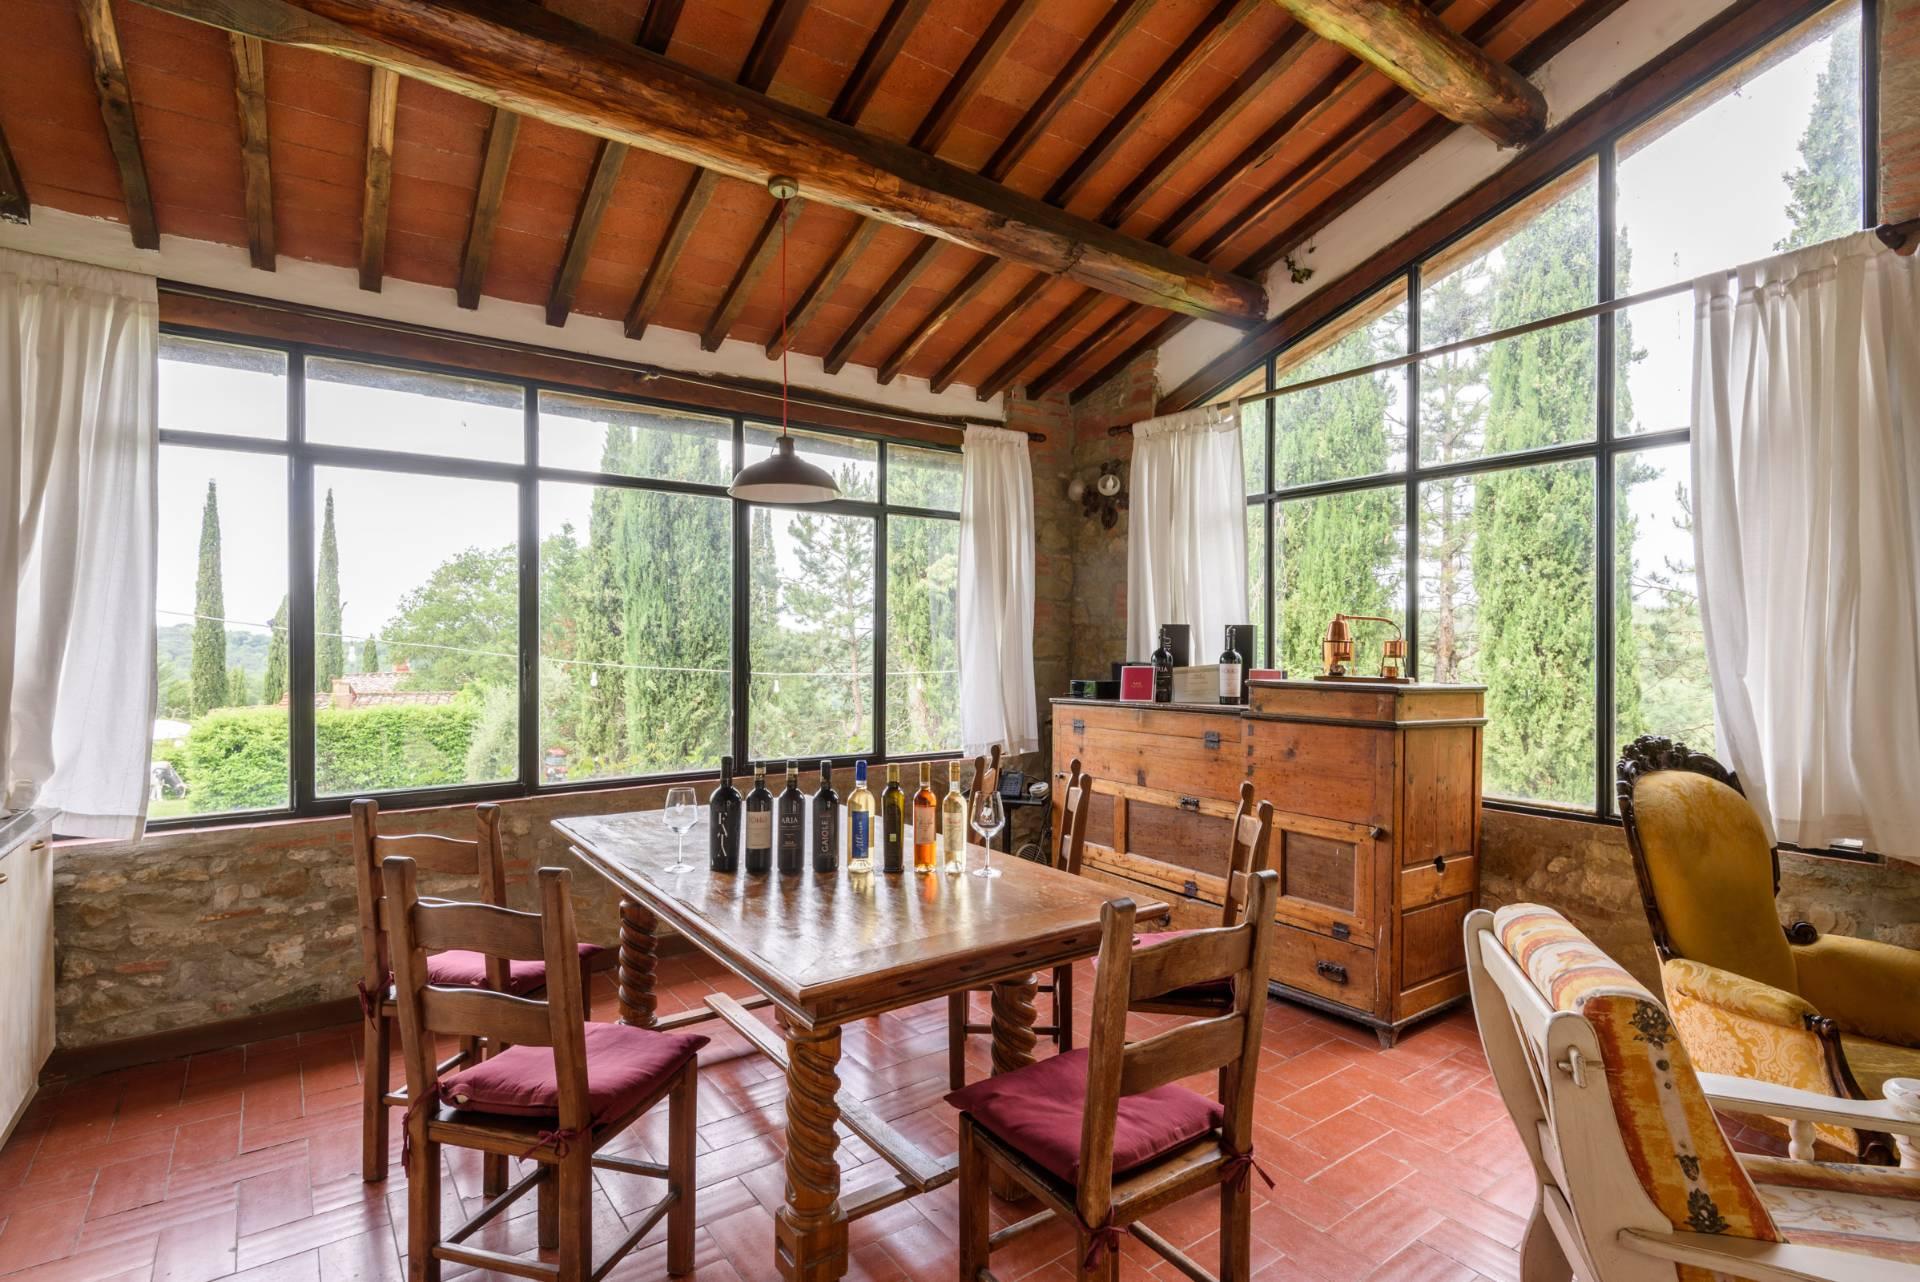 Rustico in Vendita a Gaiole In Chianti: 5 locali, 2170 mq - Foto 19